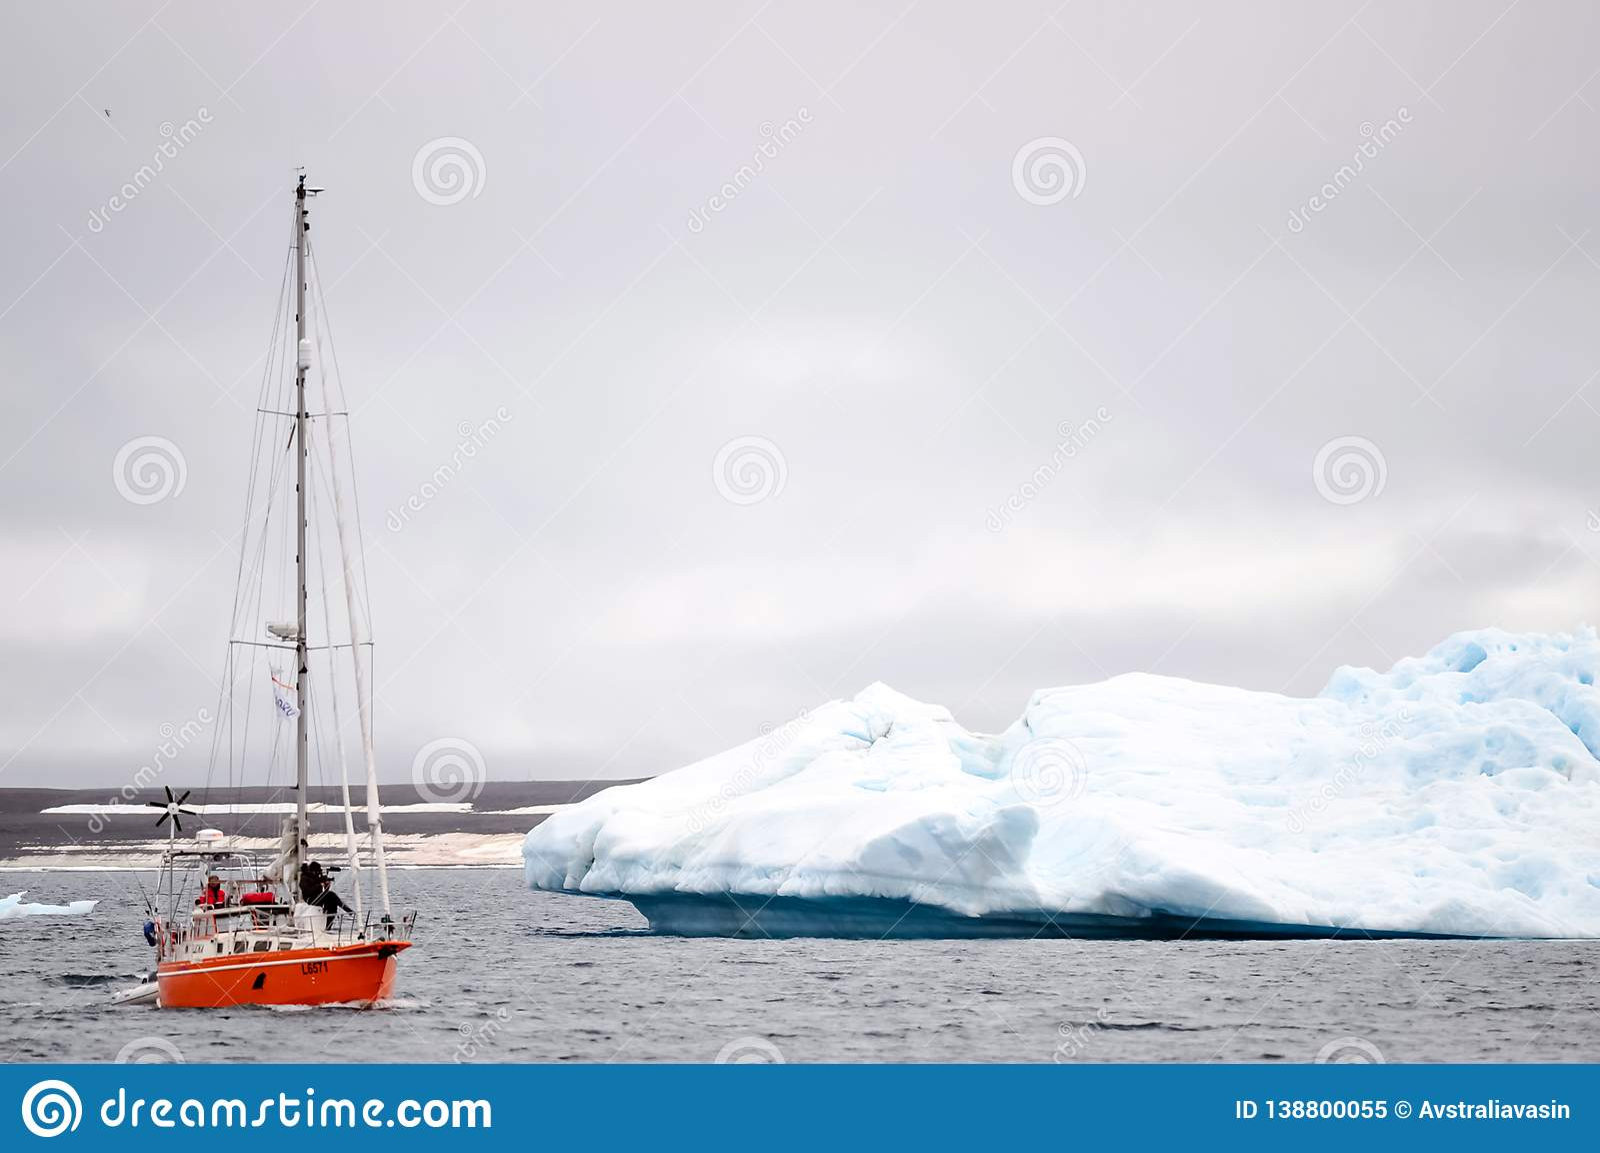 Schip van de Noordpoolexpeditie in de wateren van de Noordpooloceaan